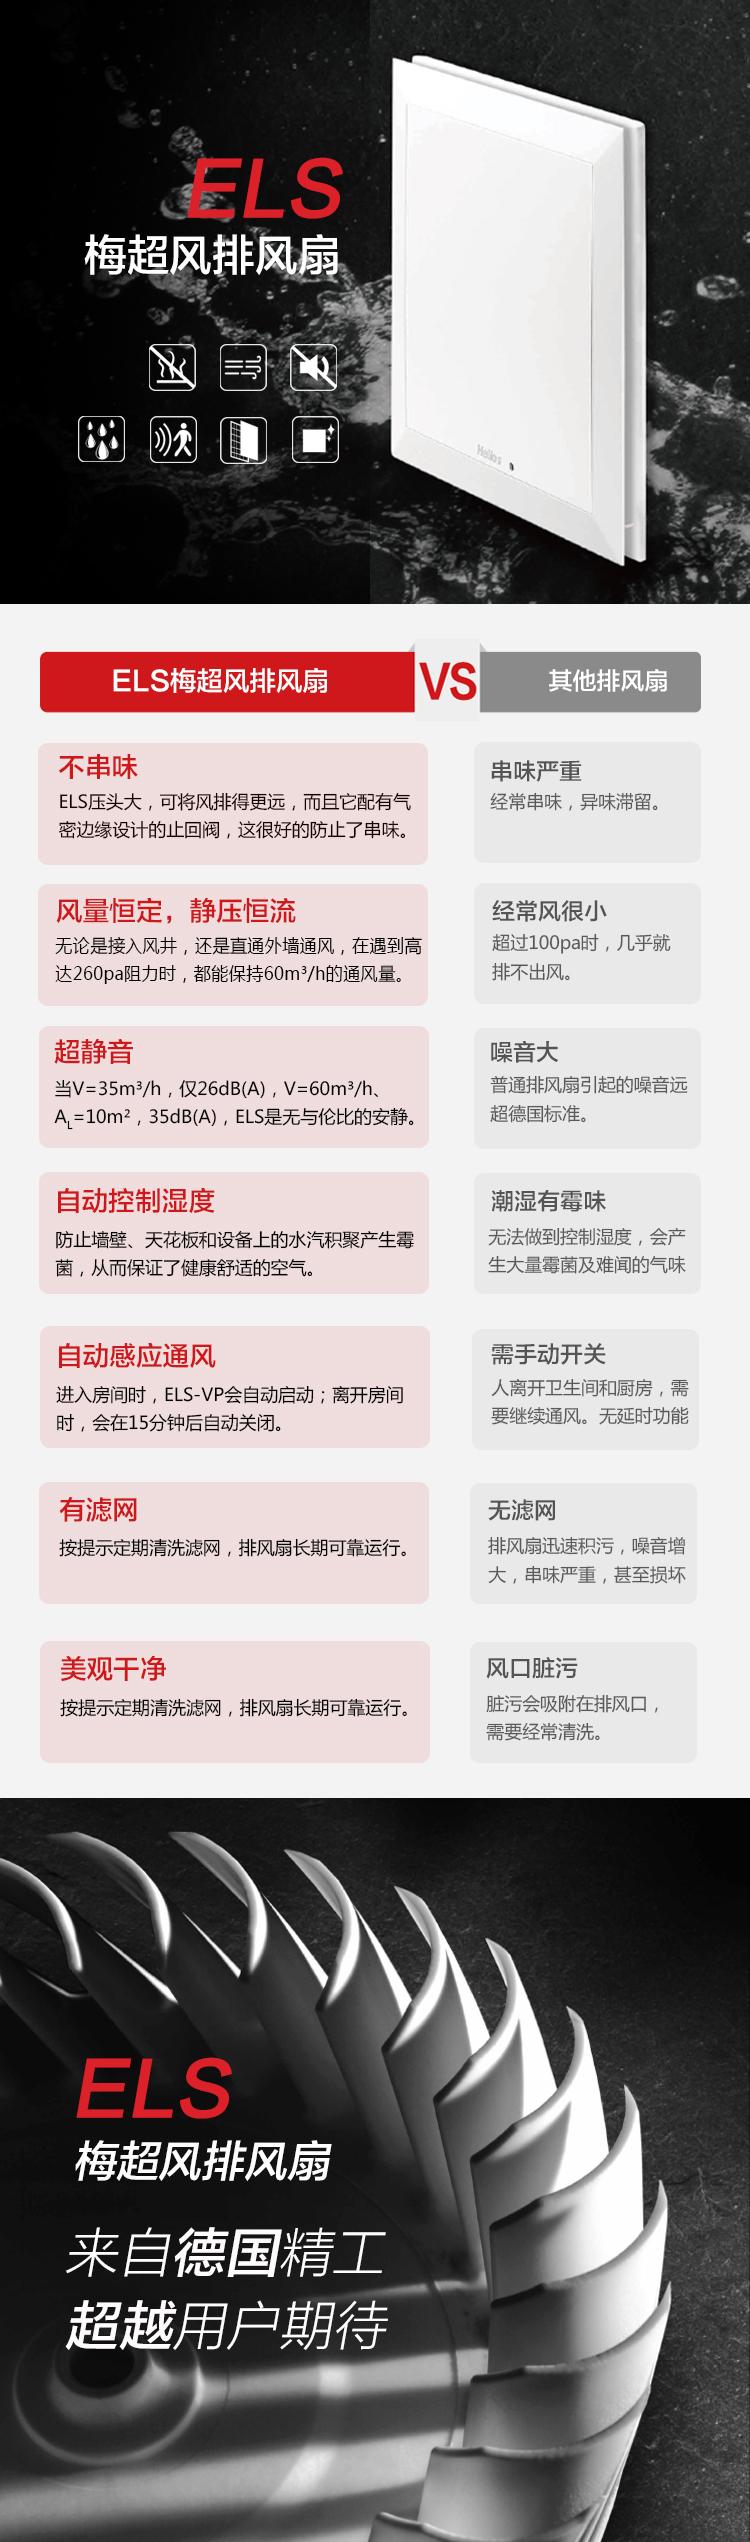 ELS网页改改3(1).jpg